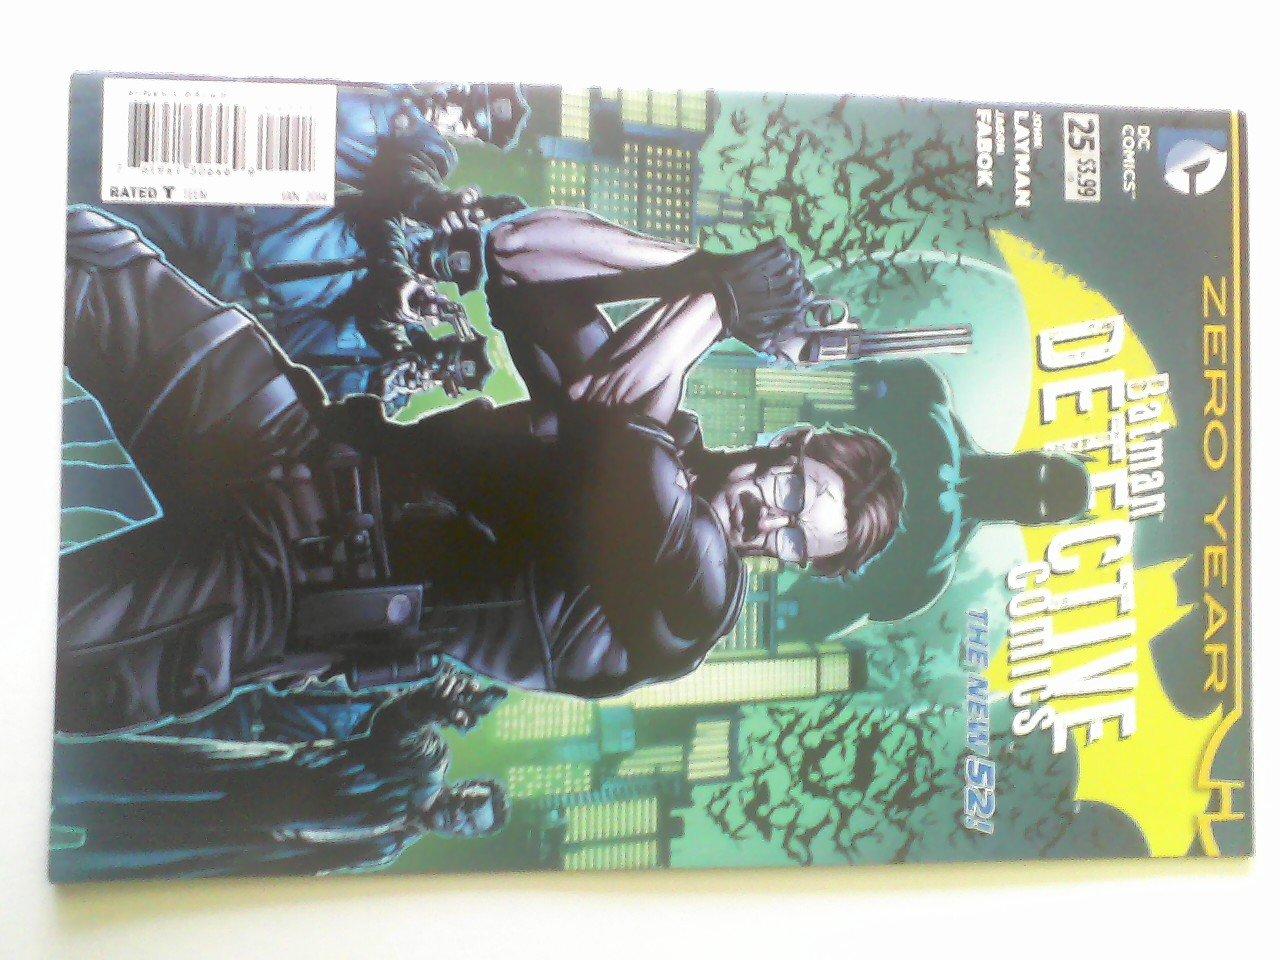 Detective Comics #25 Zero Year